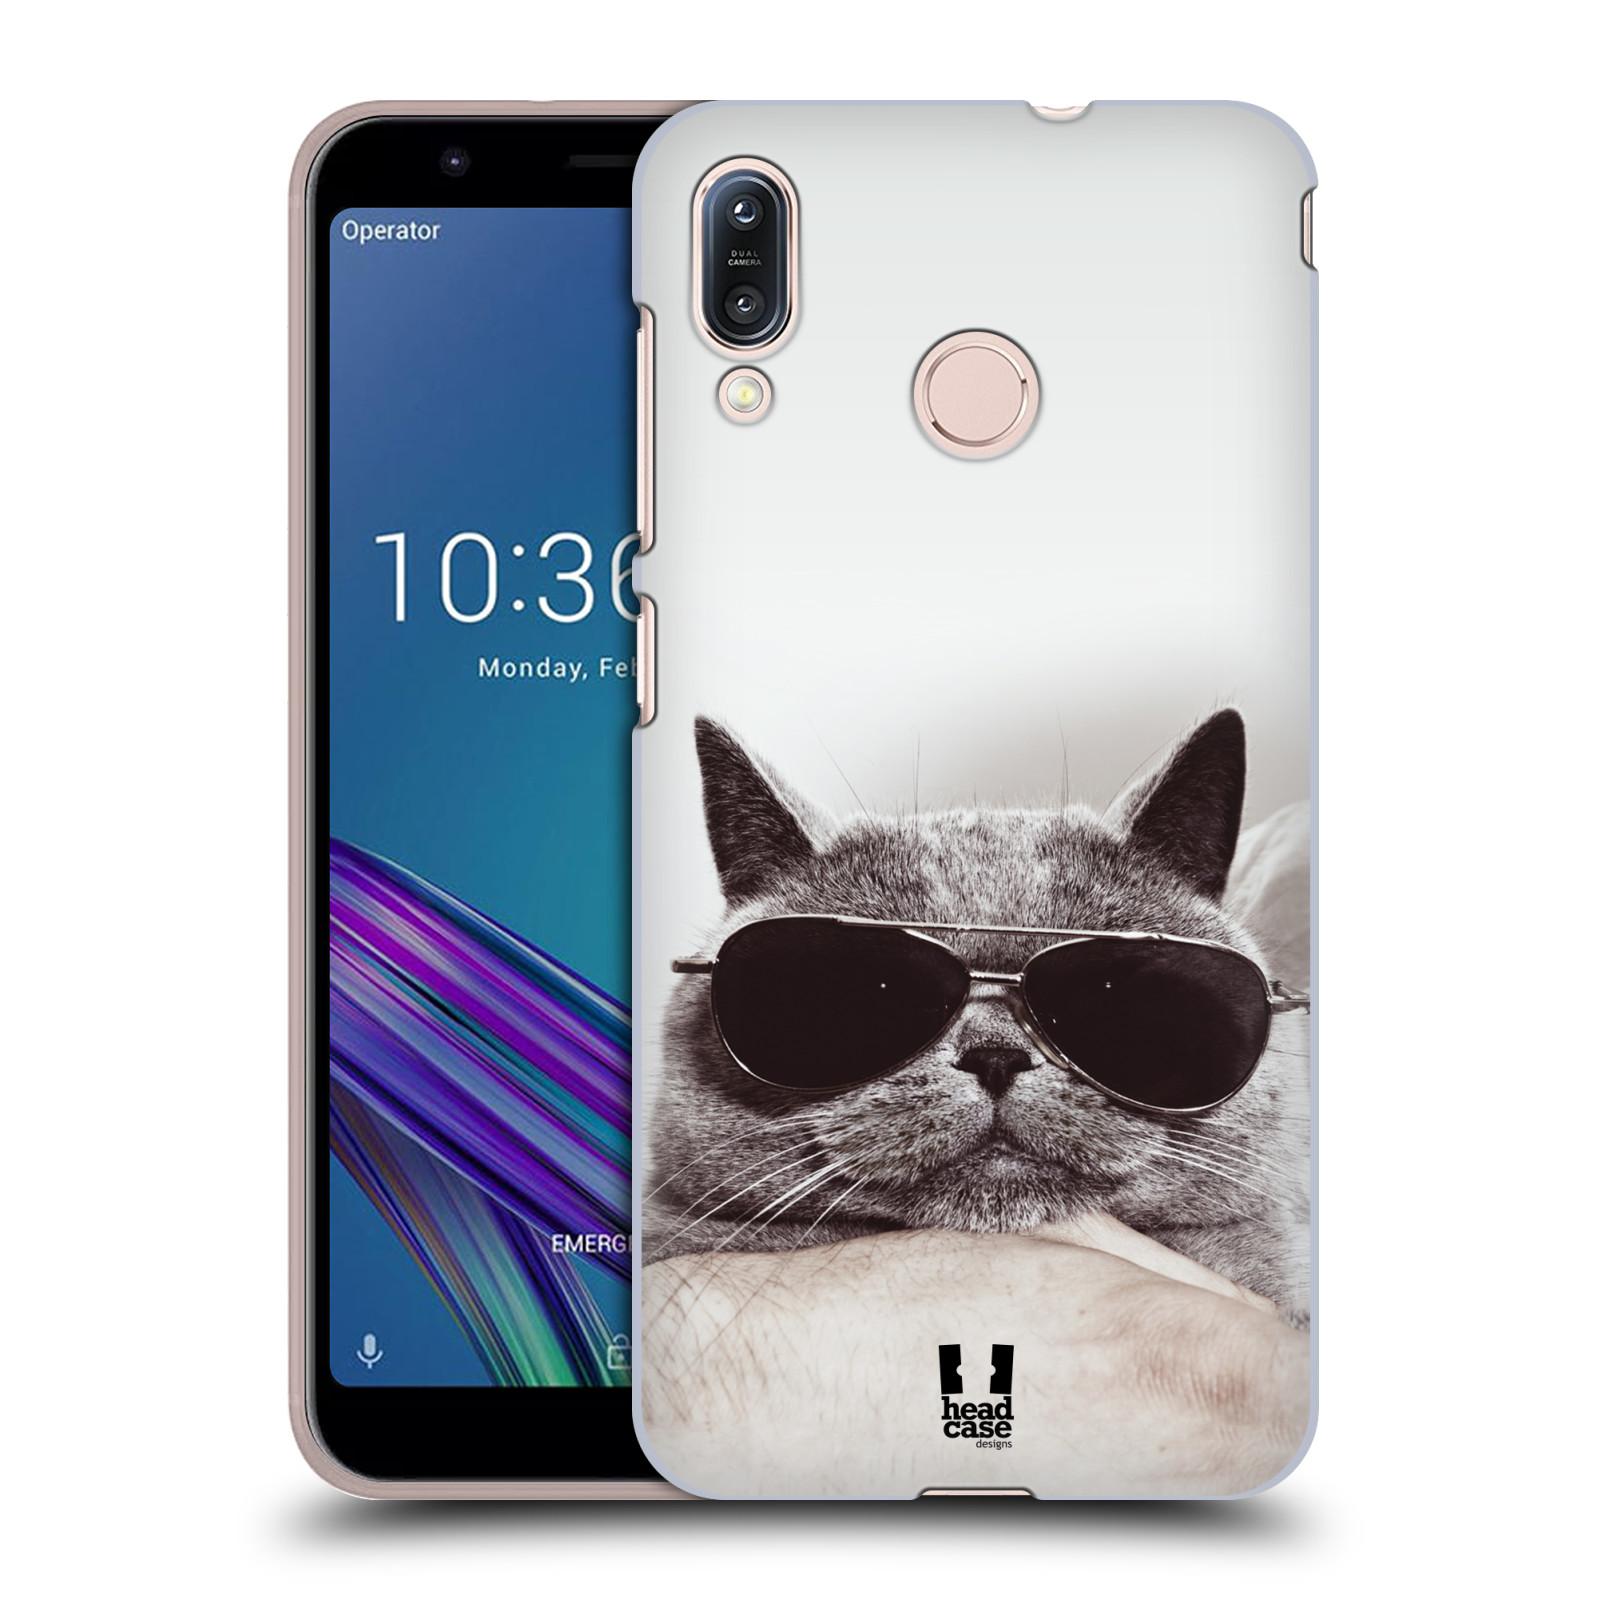 Pouzdro na mobil Asus Zenfone Max M1 (ZB555KL) - HEAD CASE - vzor Kočičky koťata foto Britská kočka v brýlích